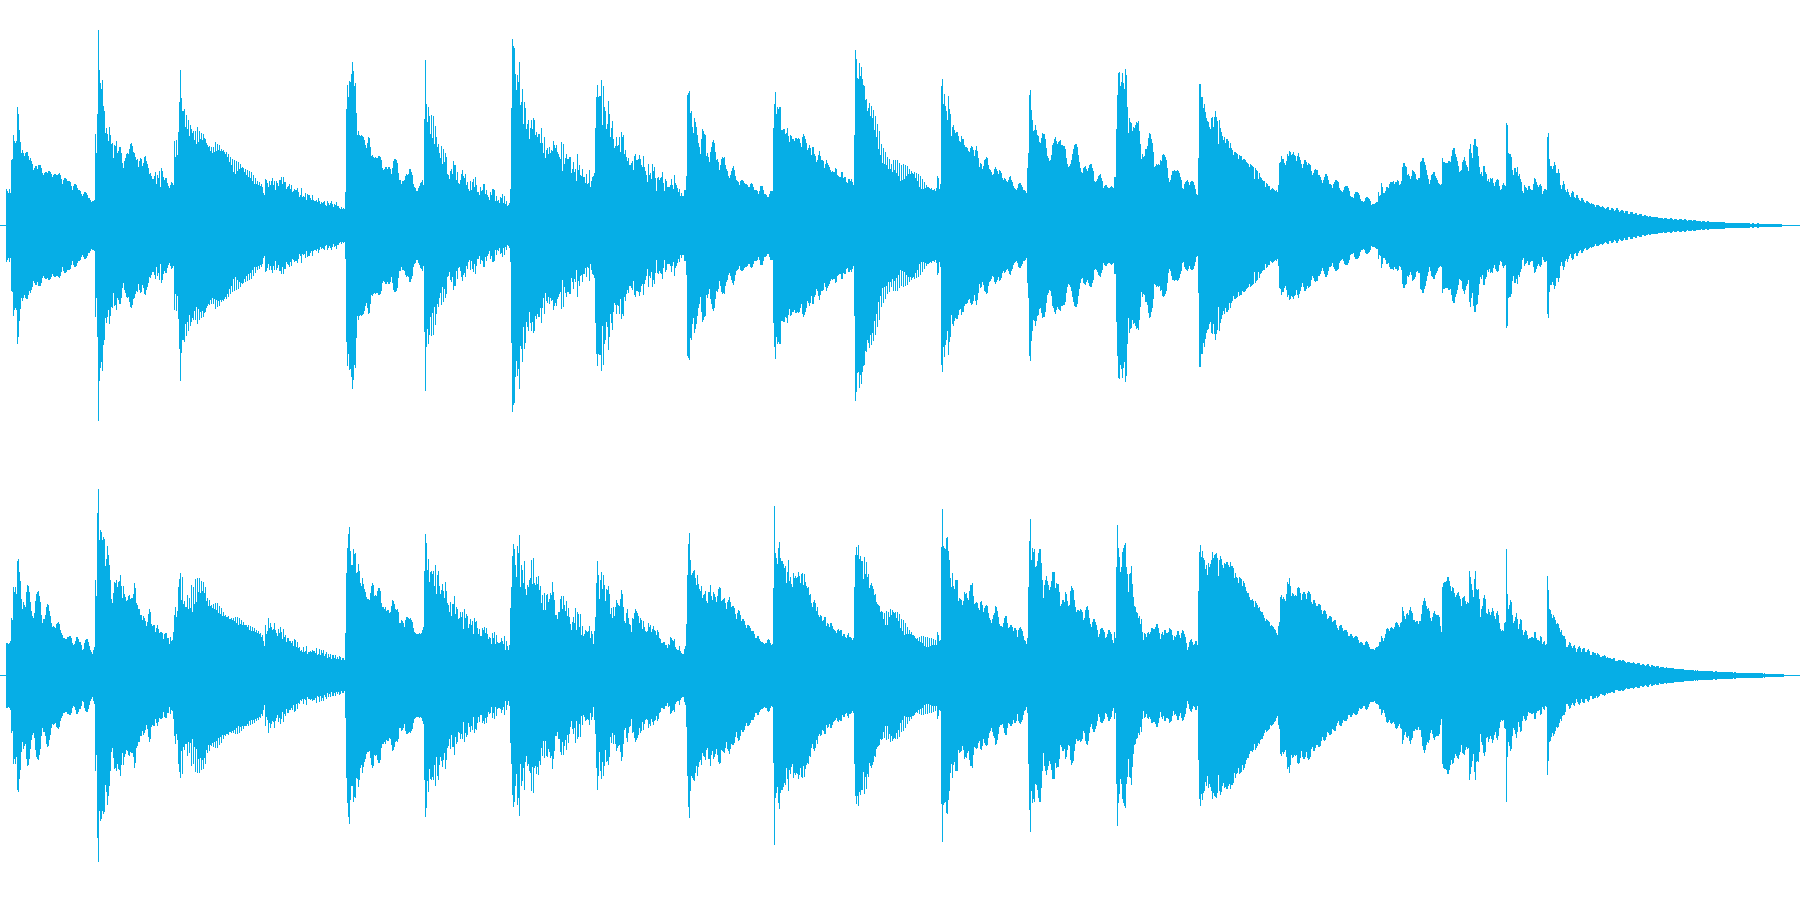 優しさ、よかったね、ピアノとキラキラでの再生済みの波形